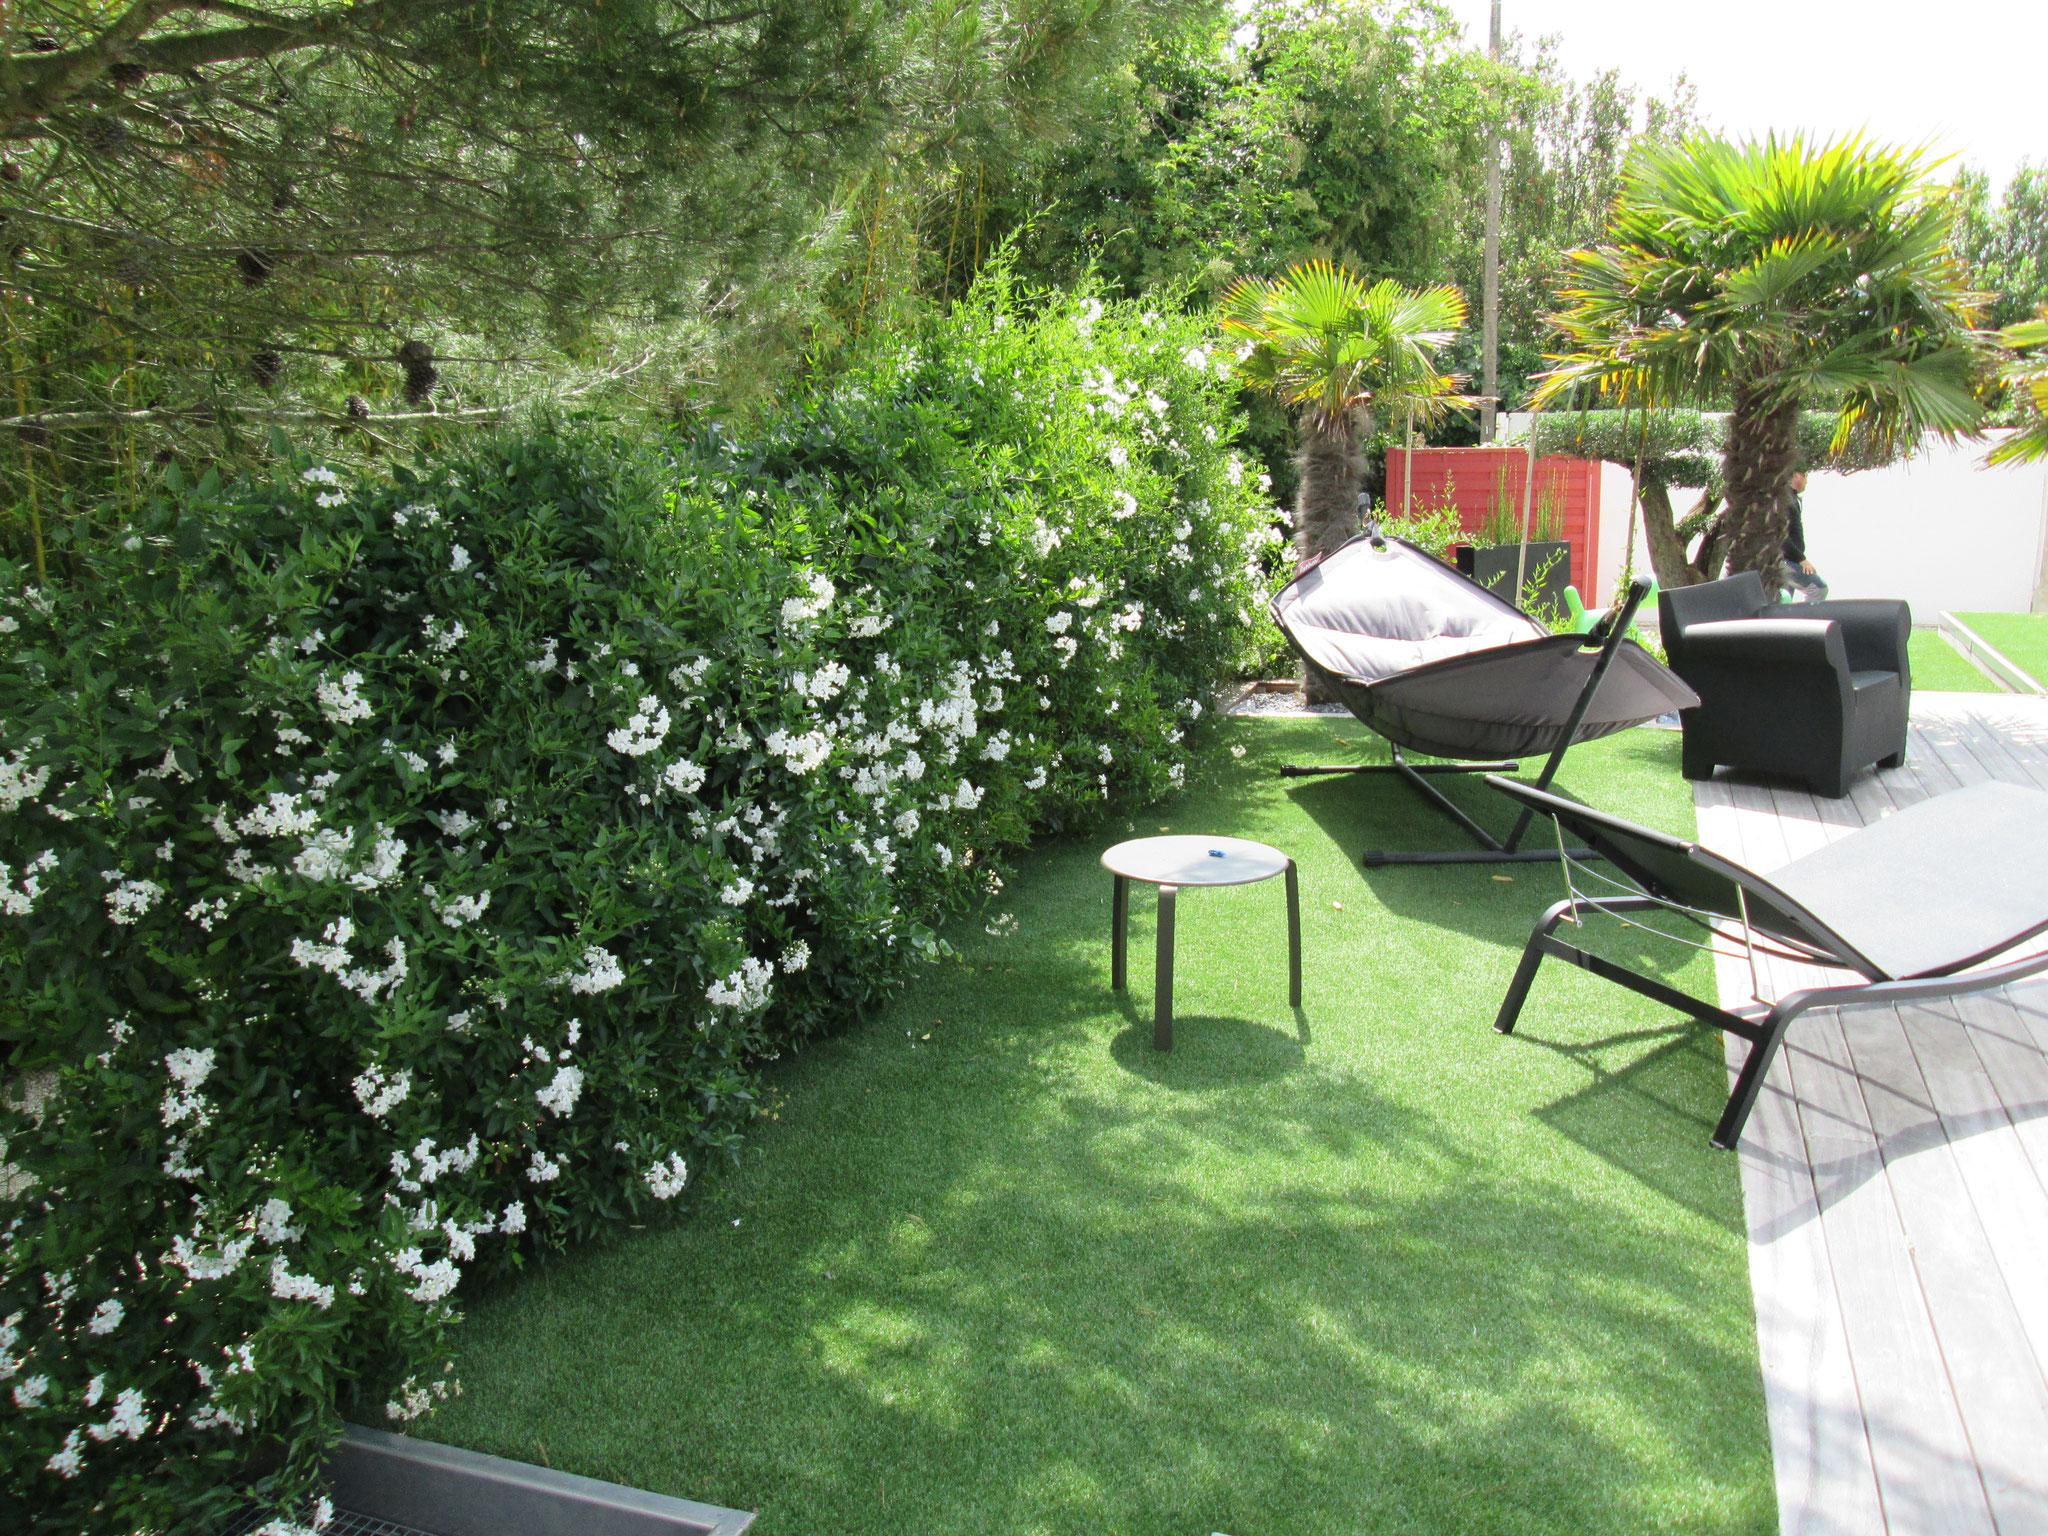 cr ation de jardin thenault paysage paysagiste en charente maritime 17. Black Bedroom Furniture Sets. Home Design Ideas